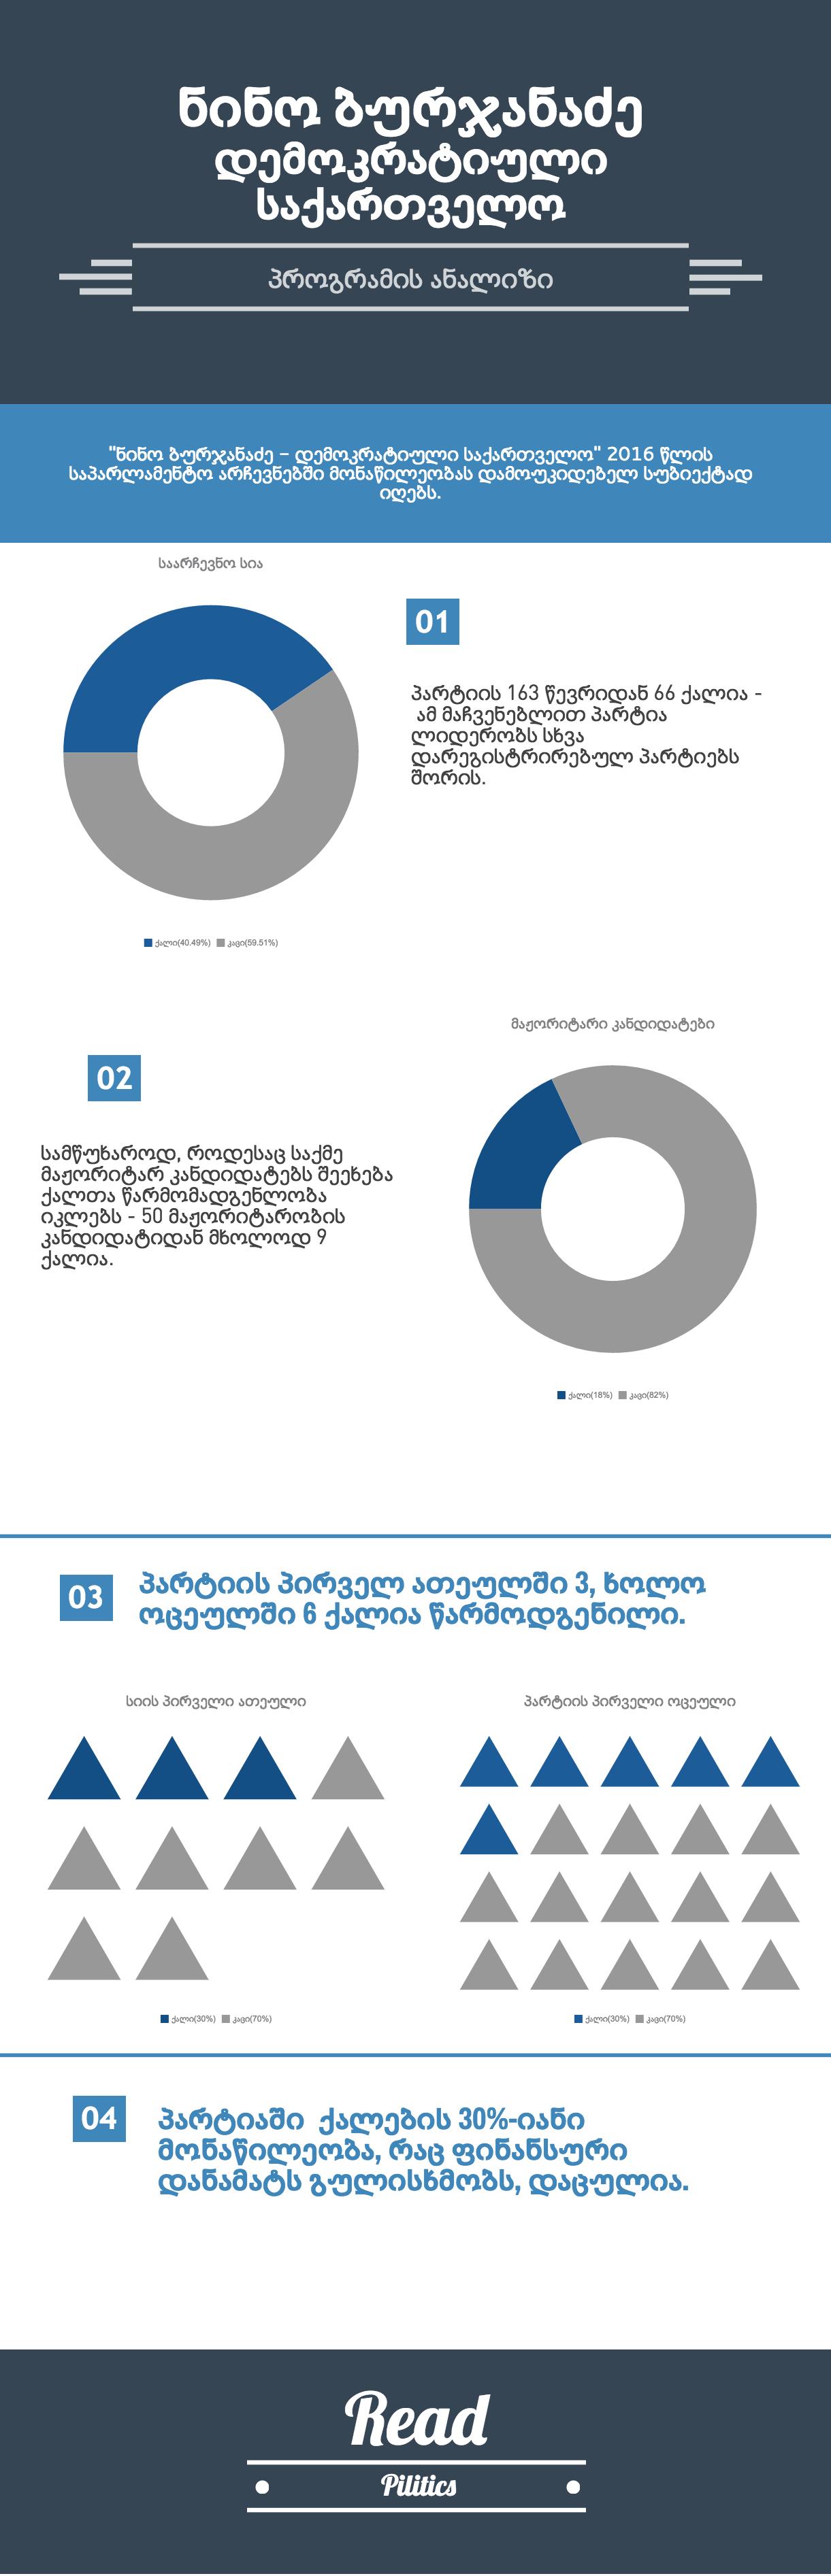 nino burjanadze democratic movement program analysis